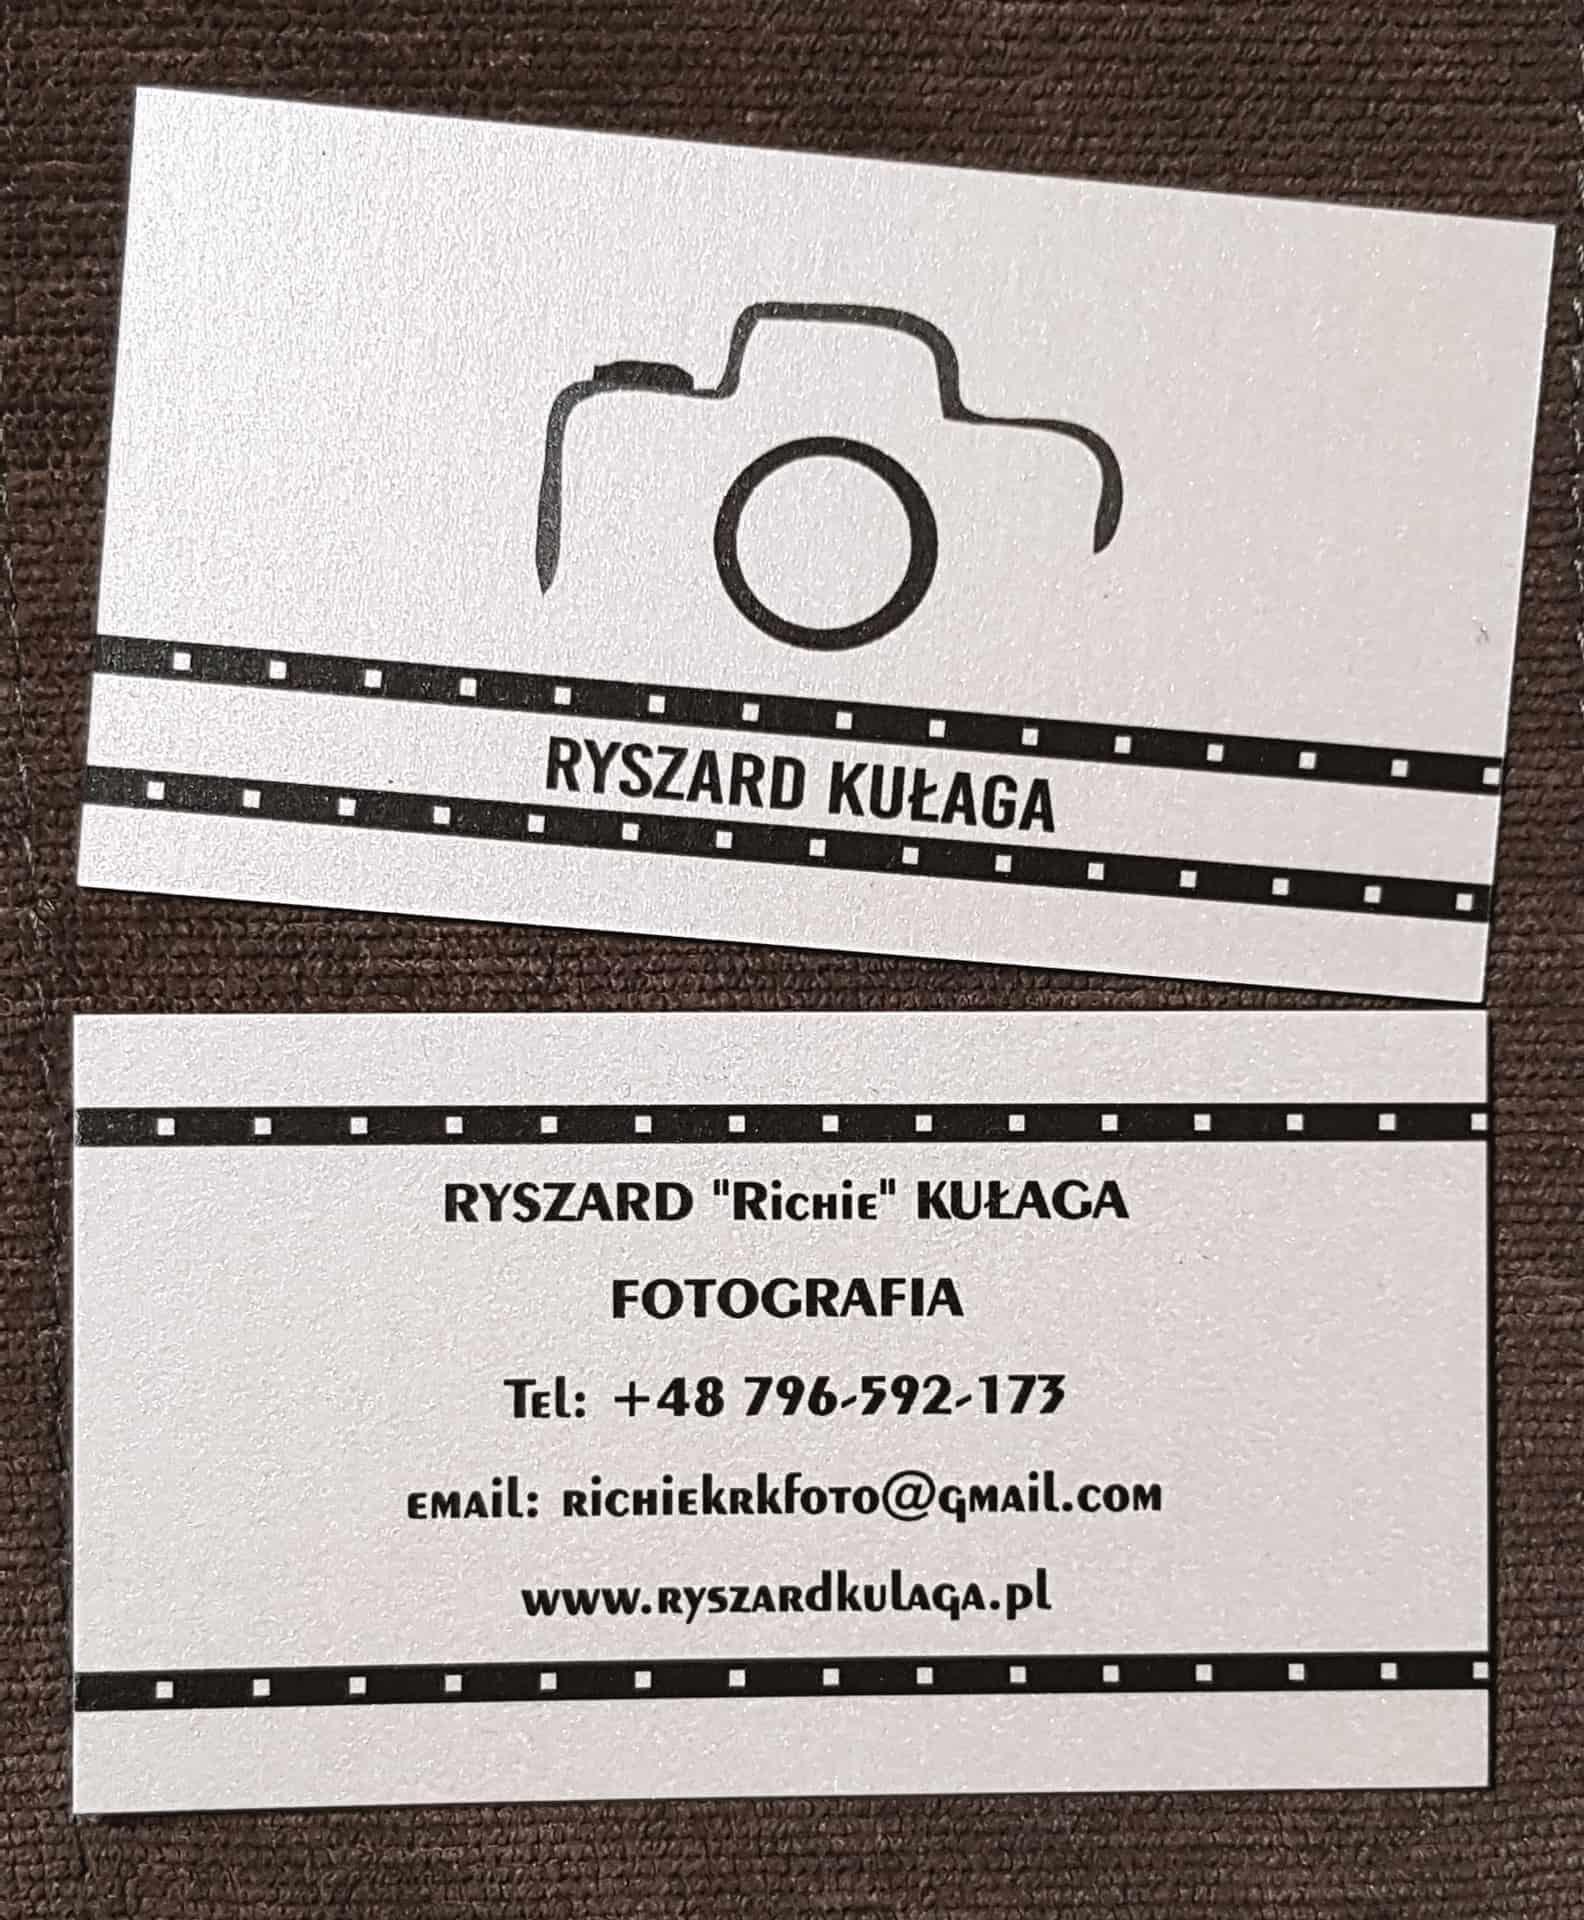 wizytówki na papierze perłowym dla Ryszard Kułaga